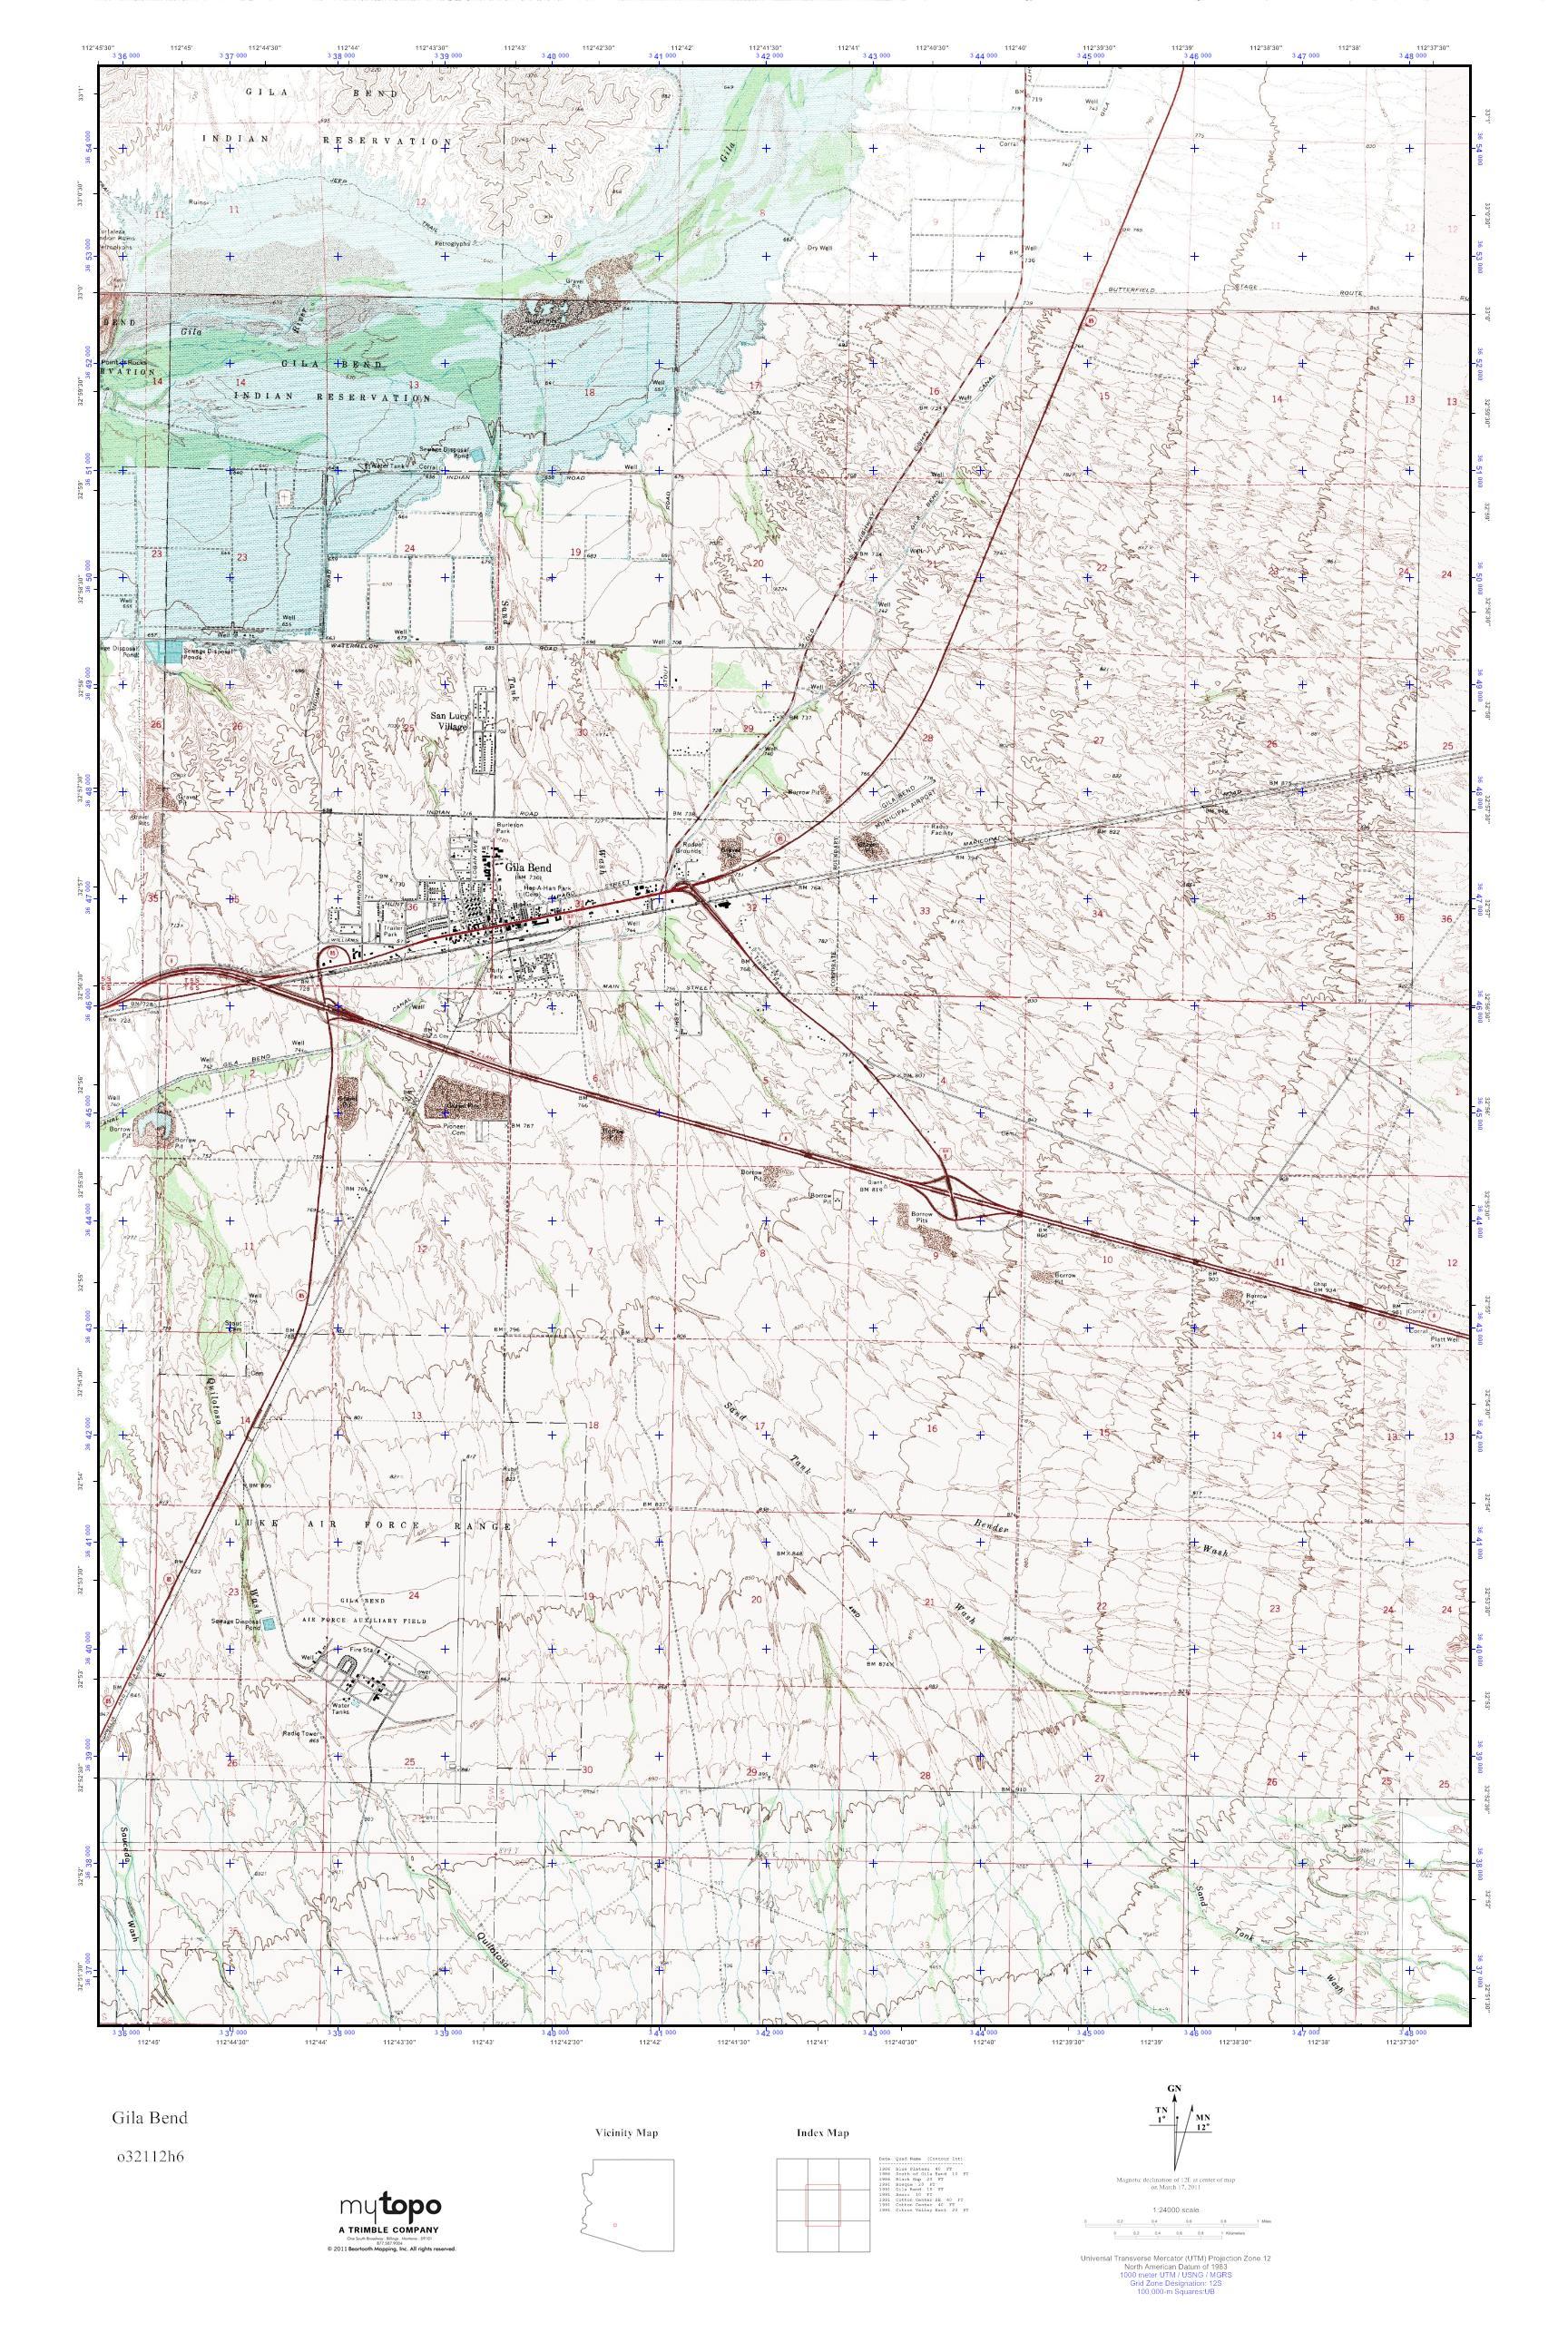 o32112h6 Gila Bend Az Map on greasewood az map, nogales az map, gila arizona map, texas az map, davis monthan afb az map, verrado az map, linden az map, hyder valley az map, chandler az map, wickenburg az map, gila valley az map, avondale az map, showlow az map, village of oak creek az map, sunizona az map, pinetop-lakeside az map, harquahala valley az map, williams az map, las sendas az map, willow canyon az map,